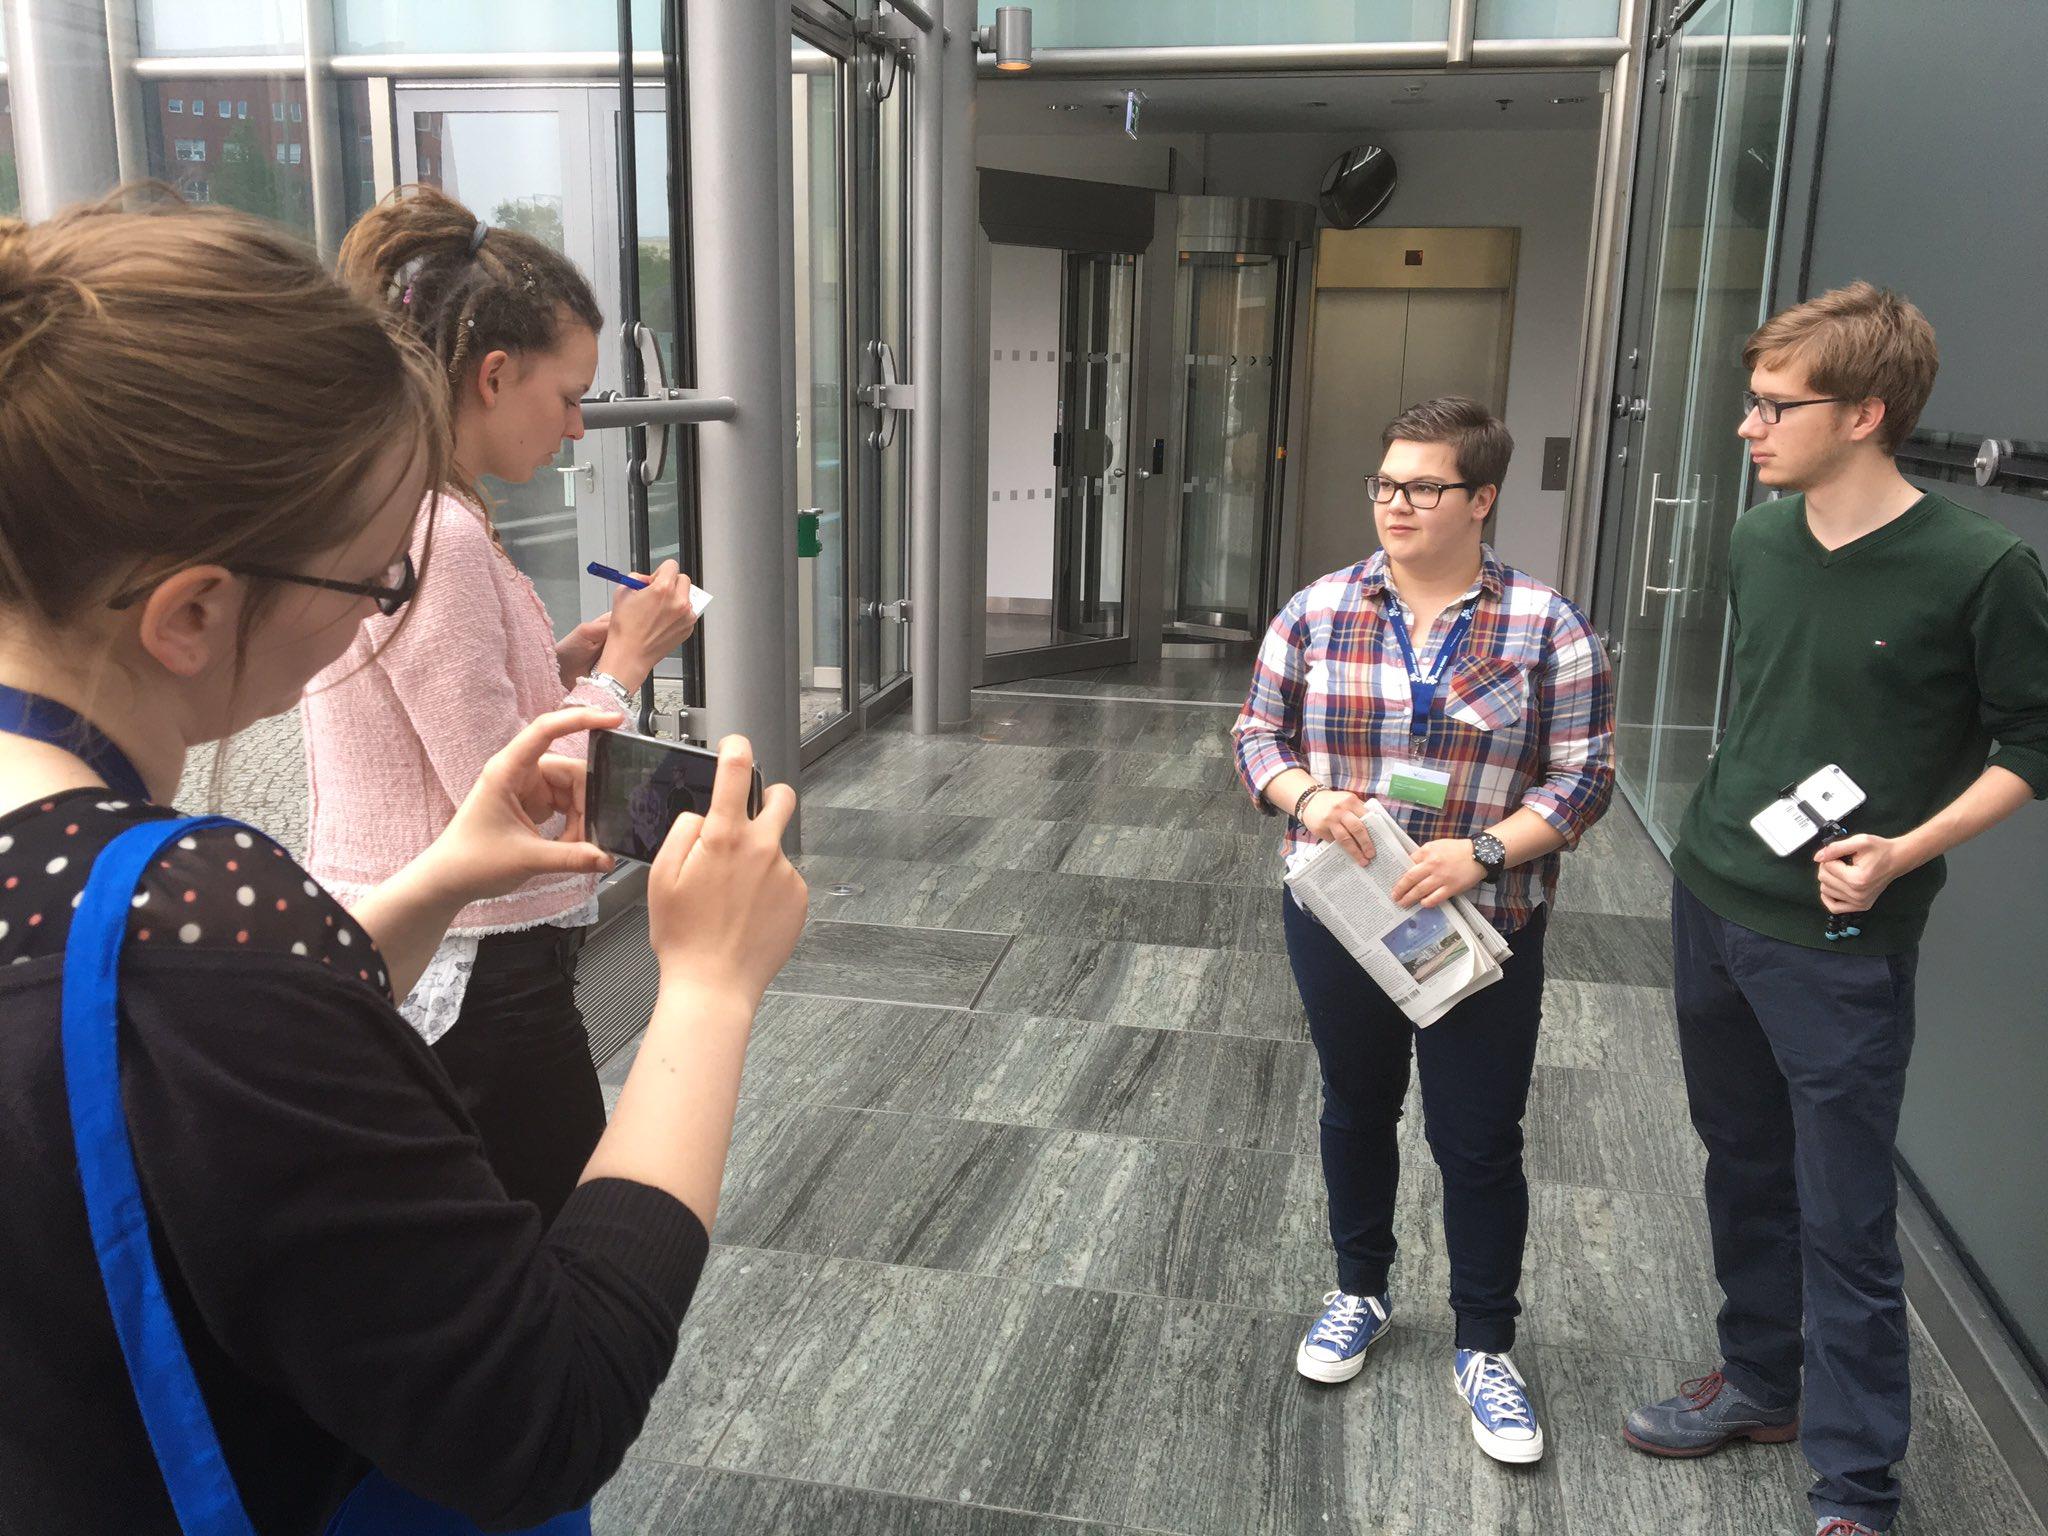 #Vision2017 der @jungepresse @asakademie in #Berlin: Ticker-Workshop trifft auf Mobile-Reporting-Workshop https://t.co/woXqGLMRlH